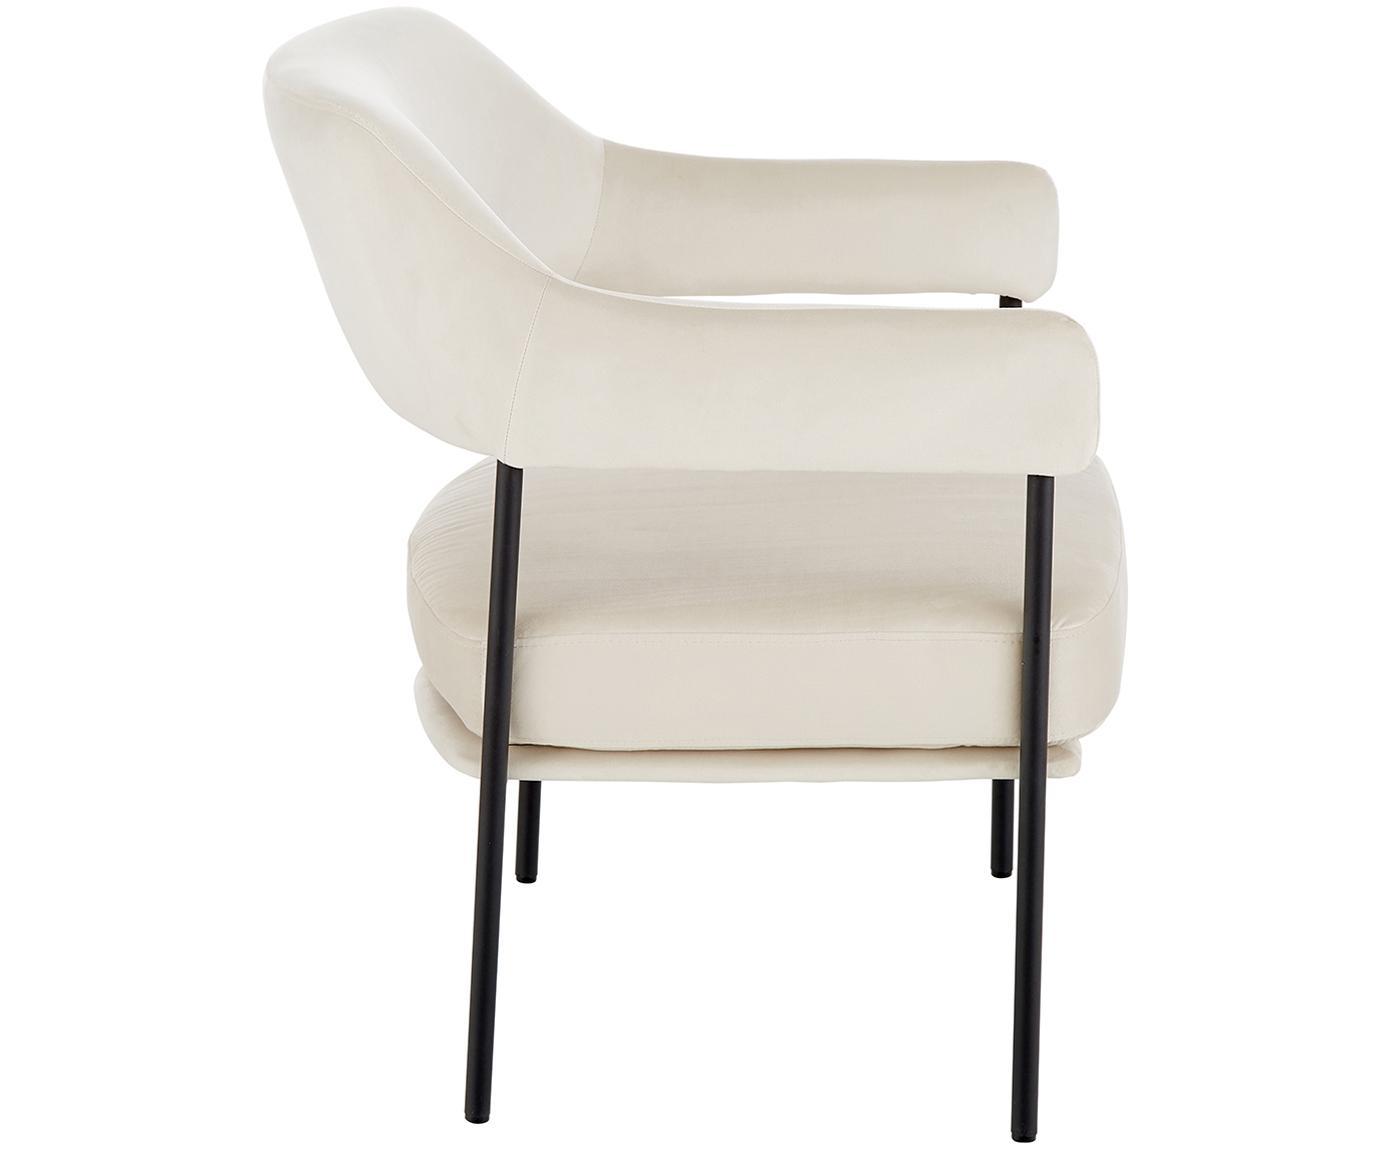 Fotel wypoczynkowy z aksamitu Zoe, Tapicerka: aksamit (poliester) 50 00, Stelaż: metal malowany proszkowo, Kremowobiały teddy, S 67 x G 66 cm